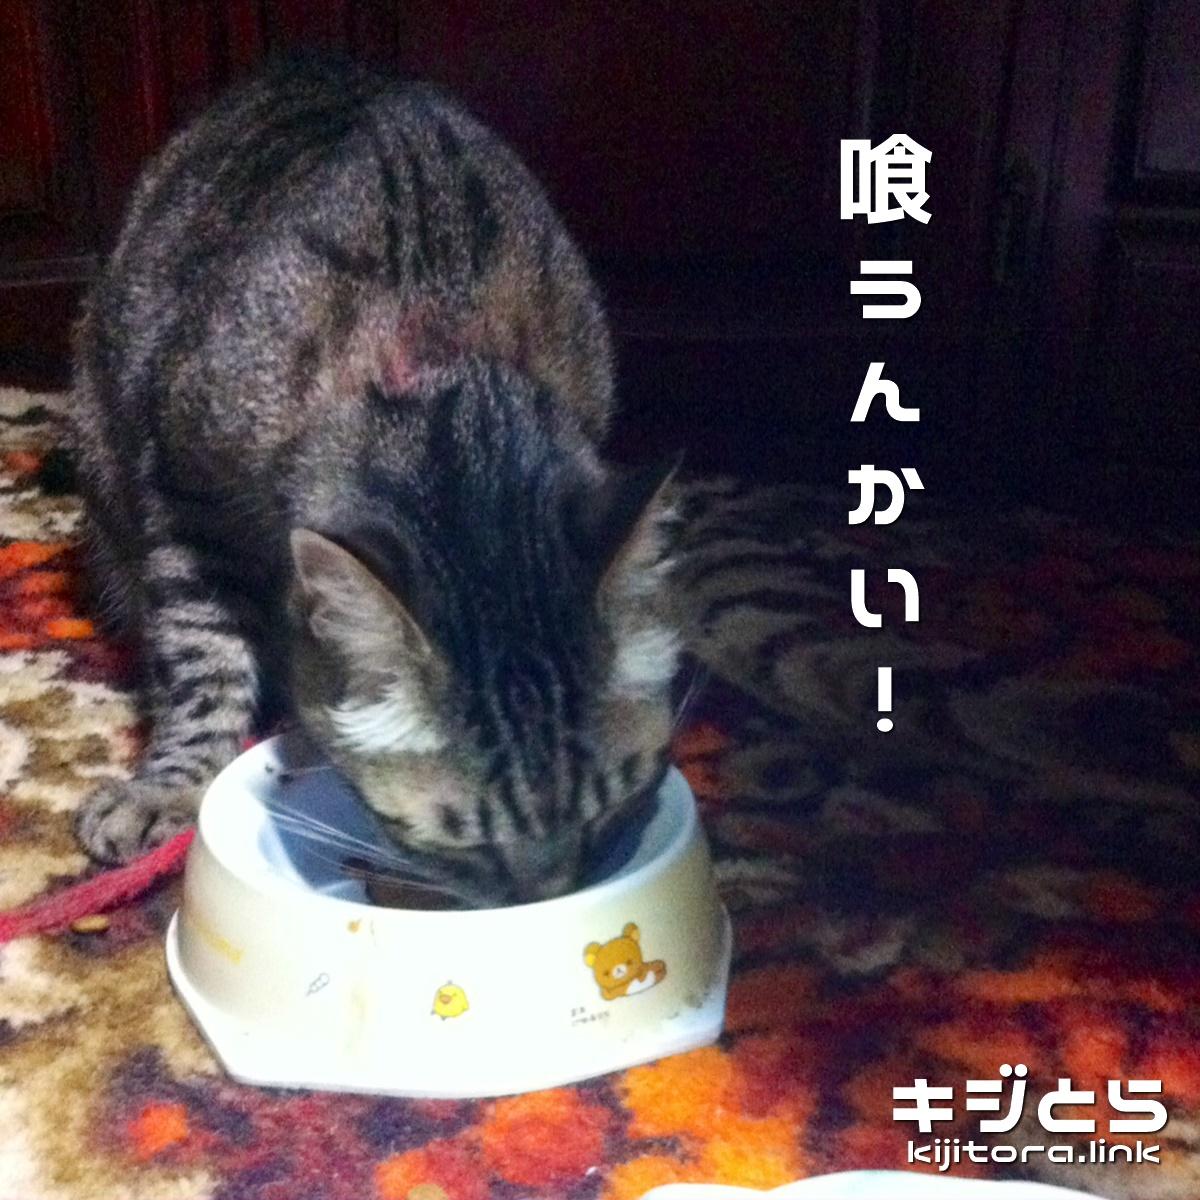 うちの猫がご飯を食べなかったワケ 2016夏 喰うんかい!